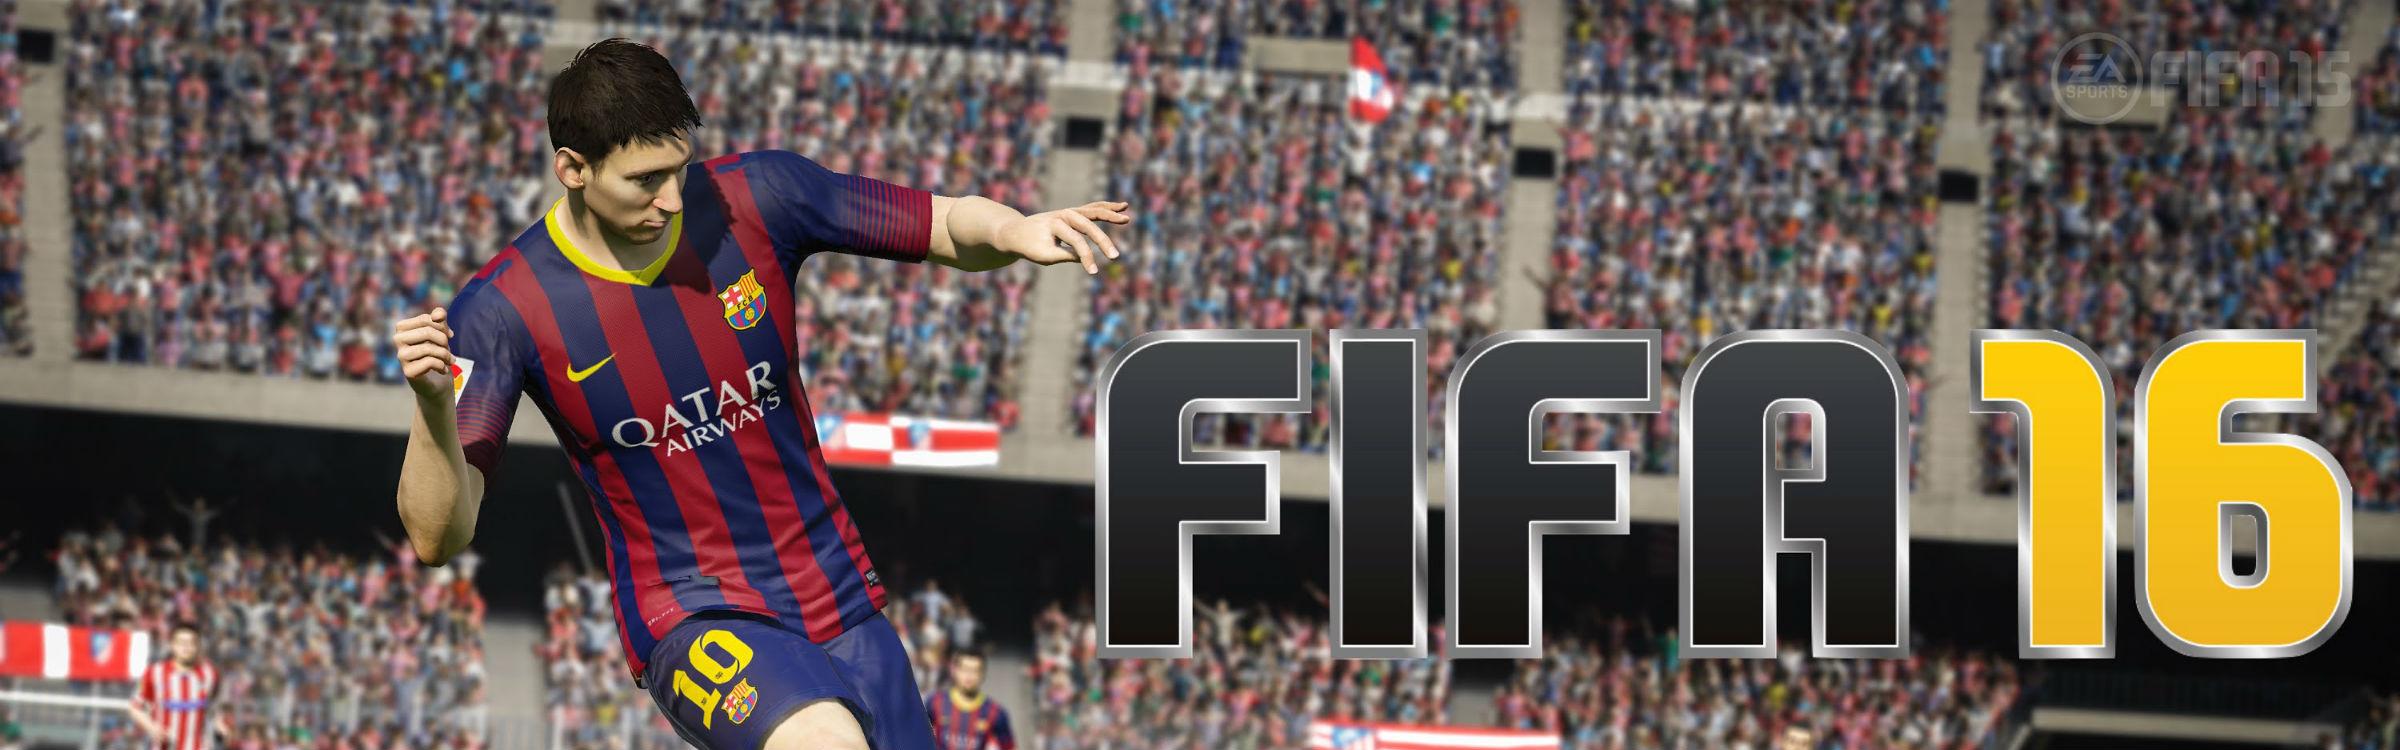 Fifa 2016 header